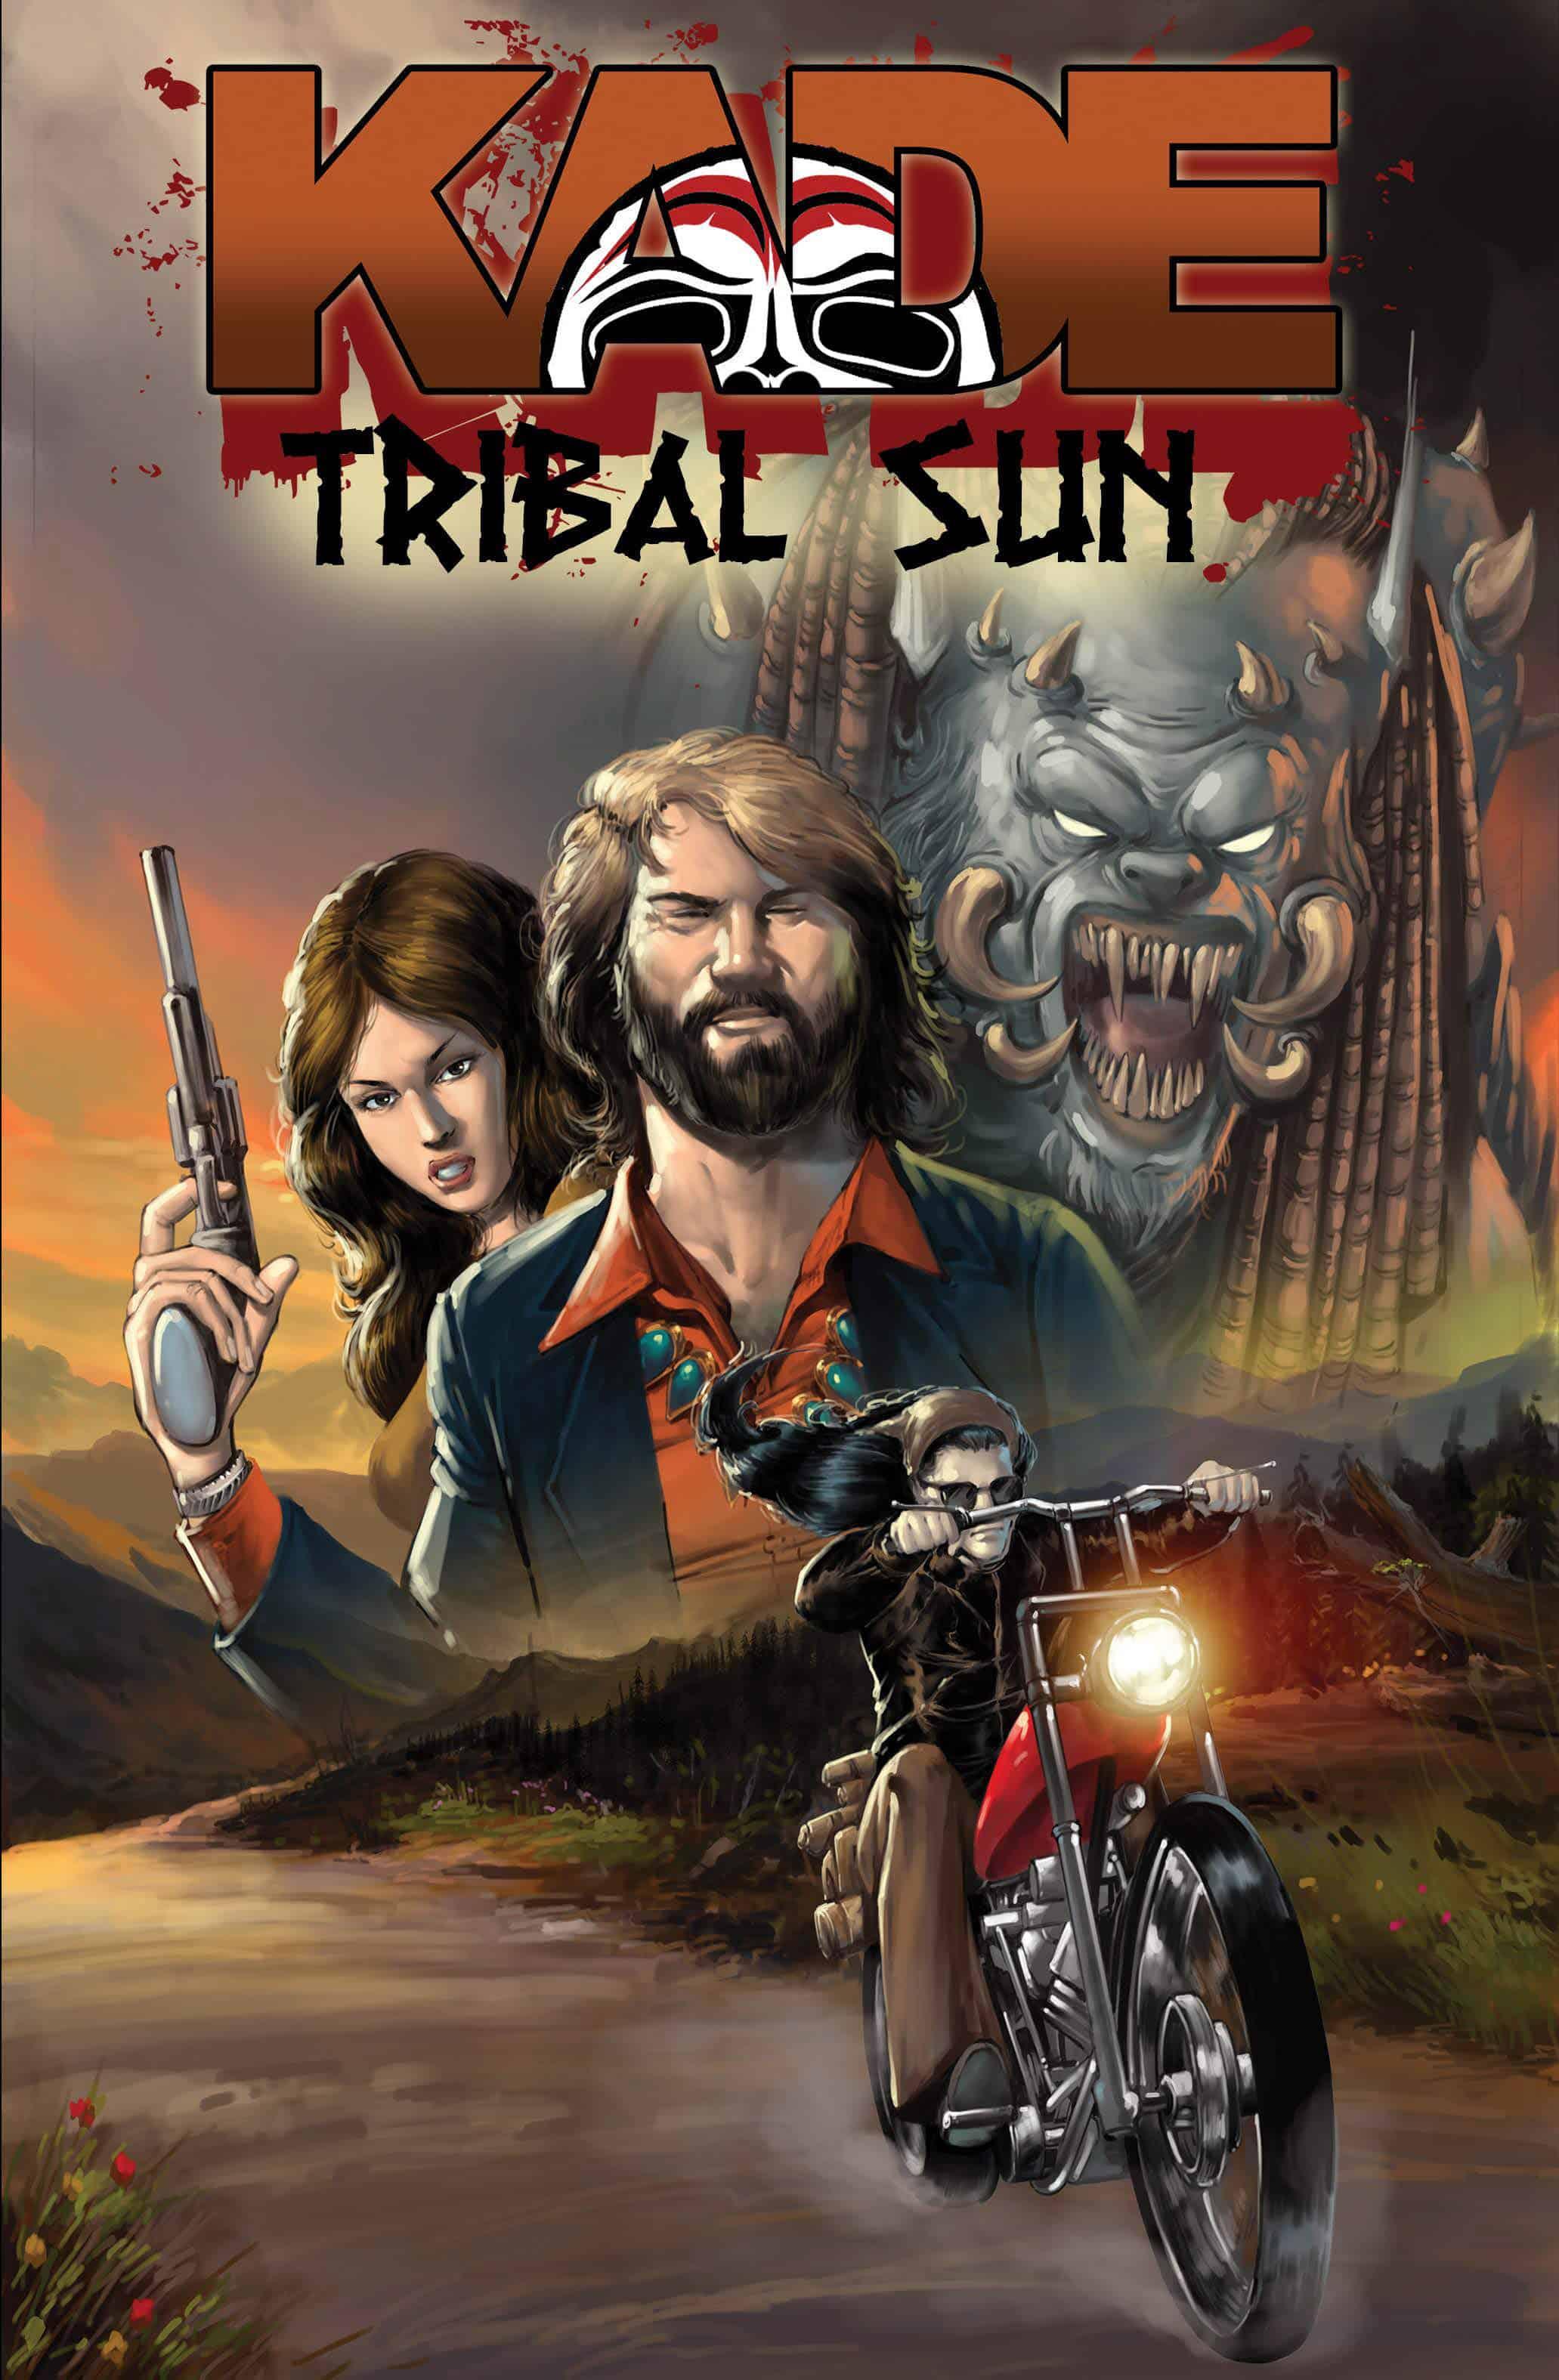 Kade_Tribal_Sun-300dpi-1